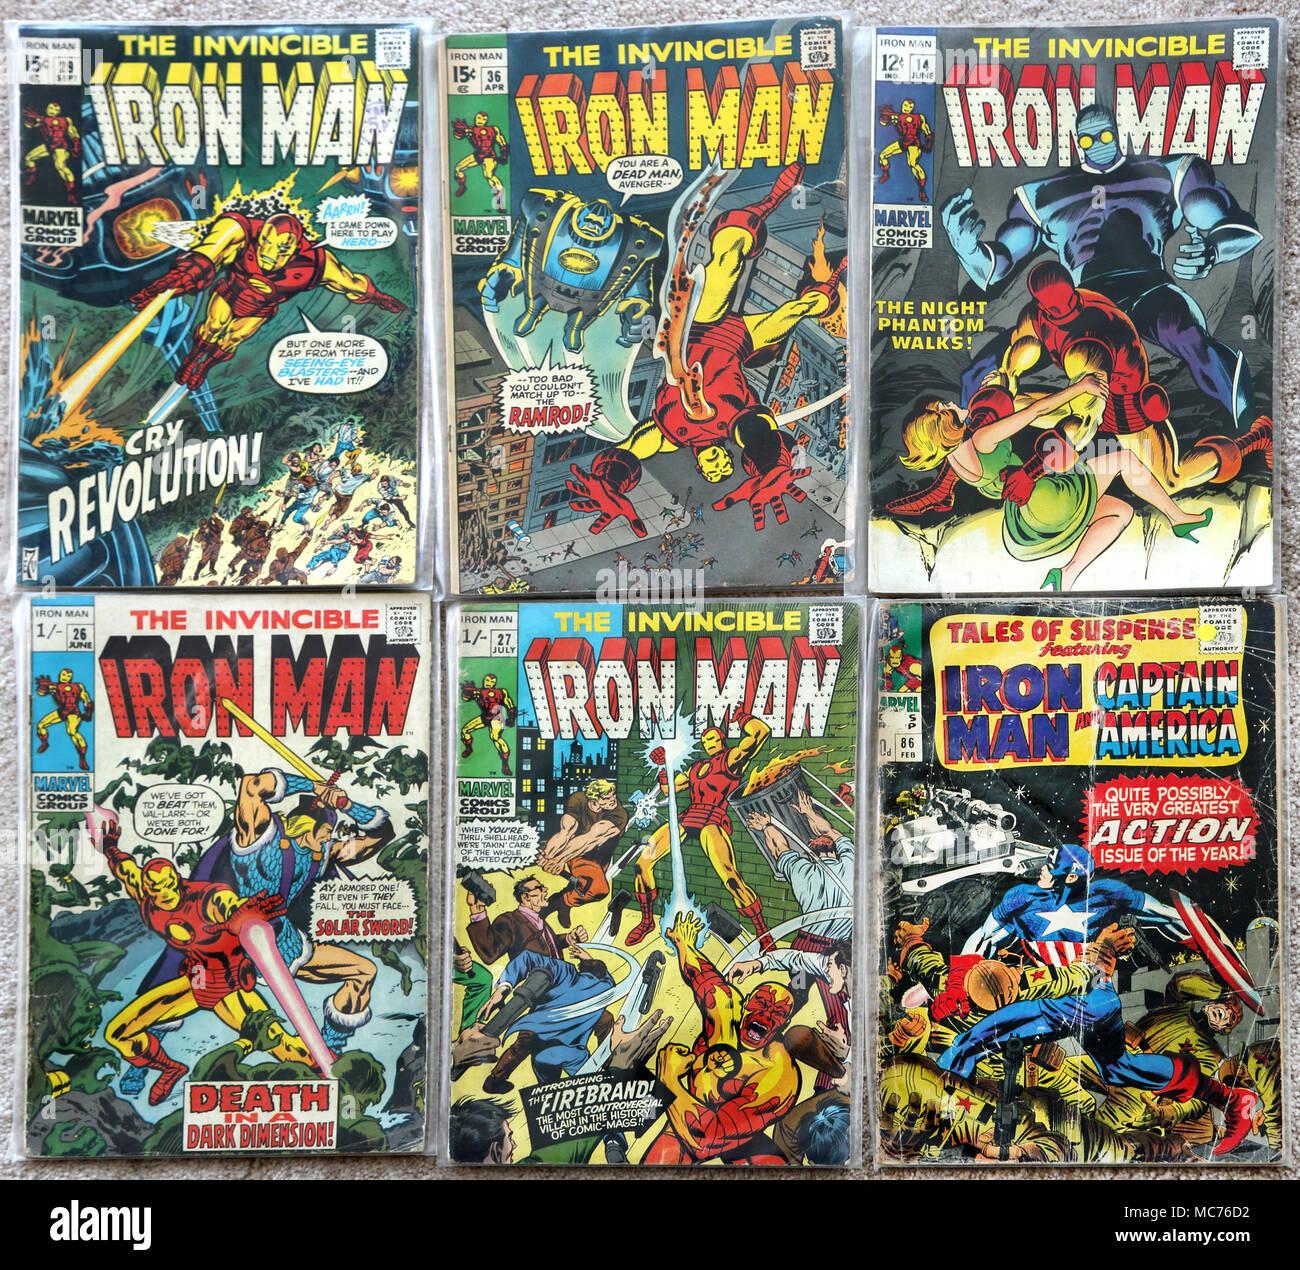 Iron Man Comic Stock Photos & Iron Man Comic Stock Images